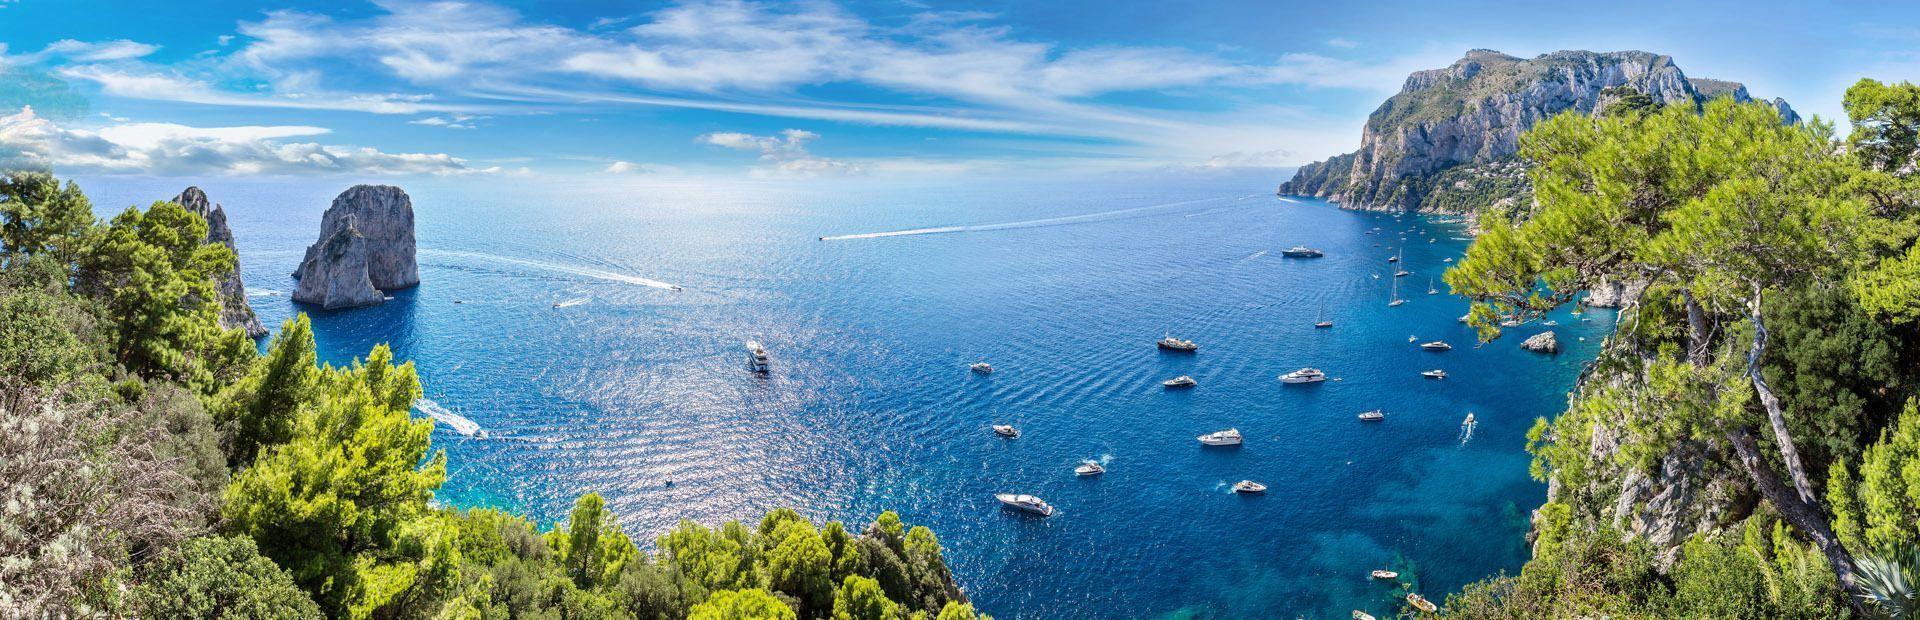 Campania: dal Vesuvio alle isole di Capri e Ischia